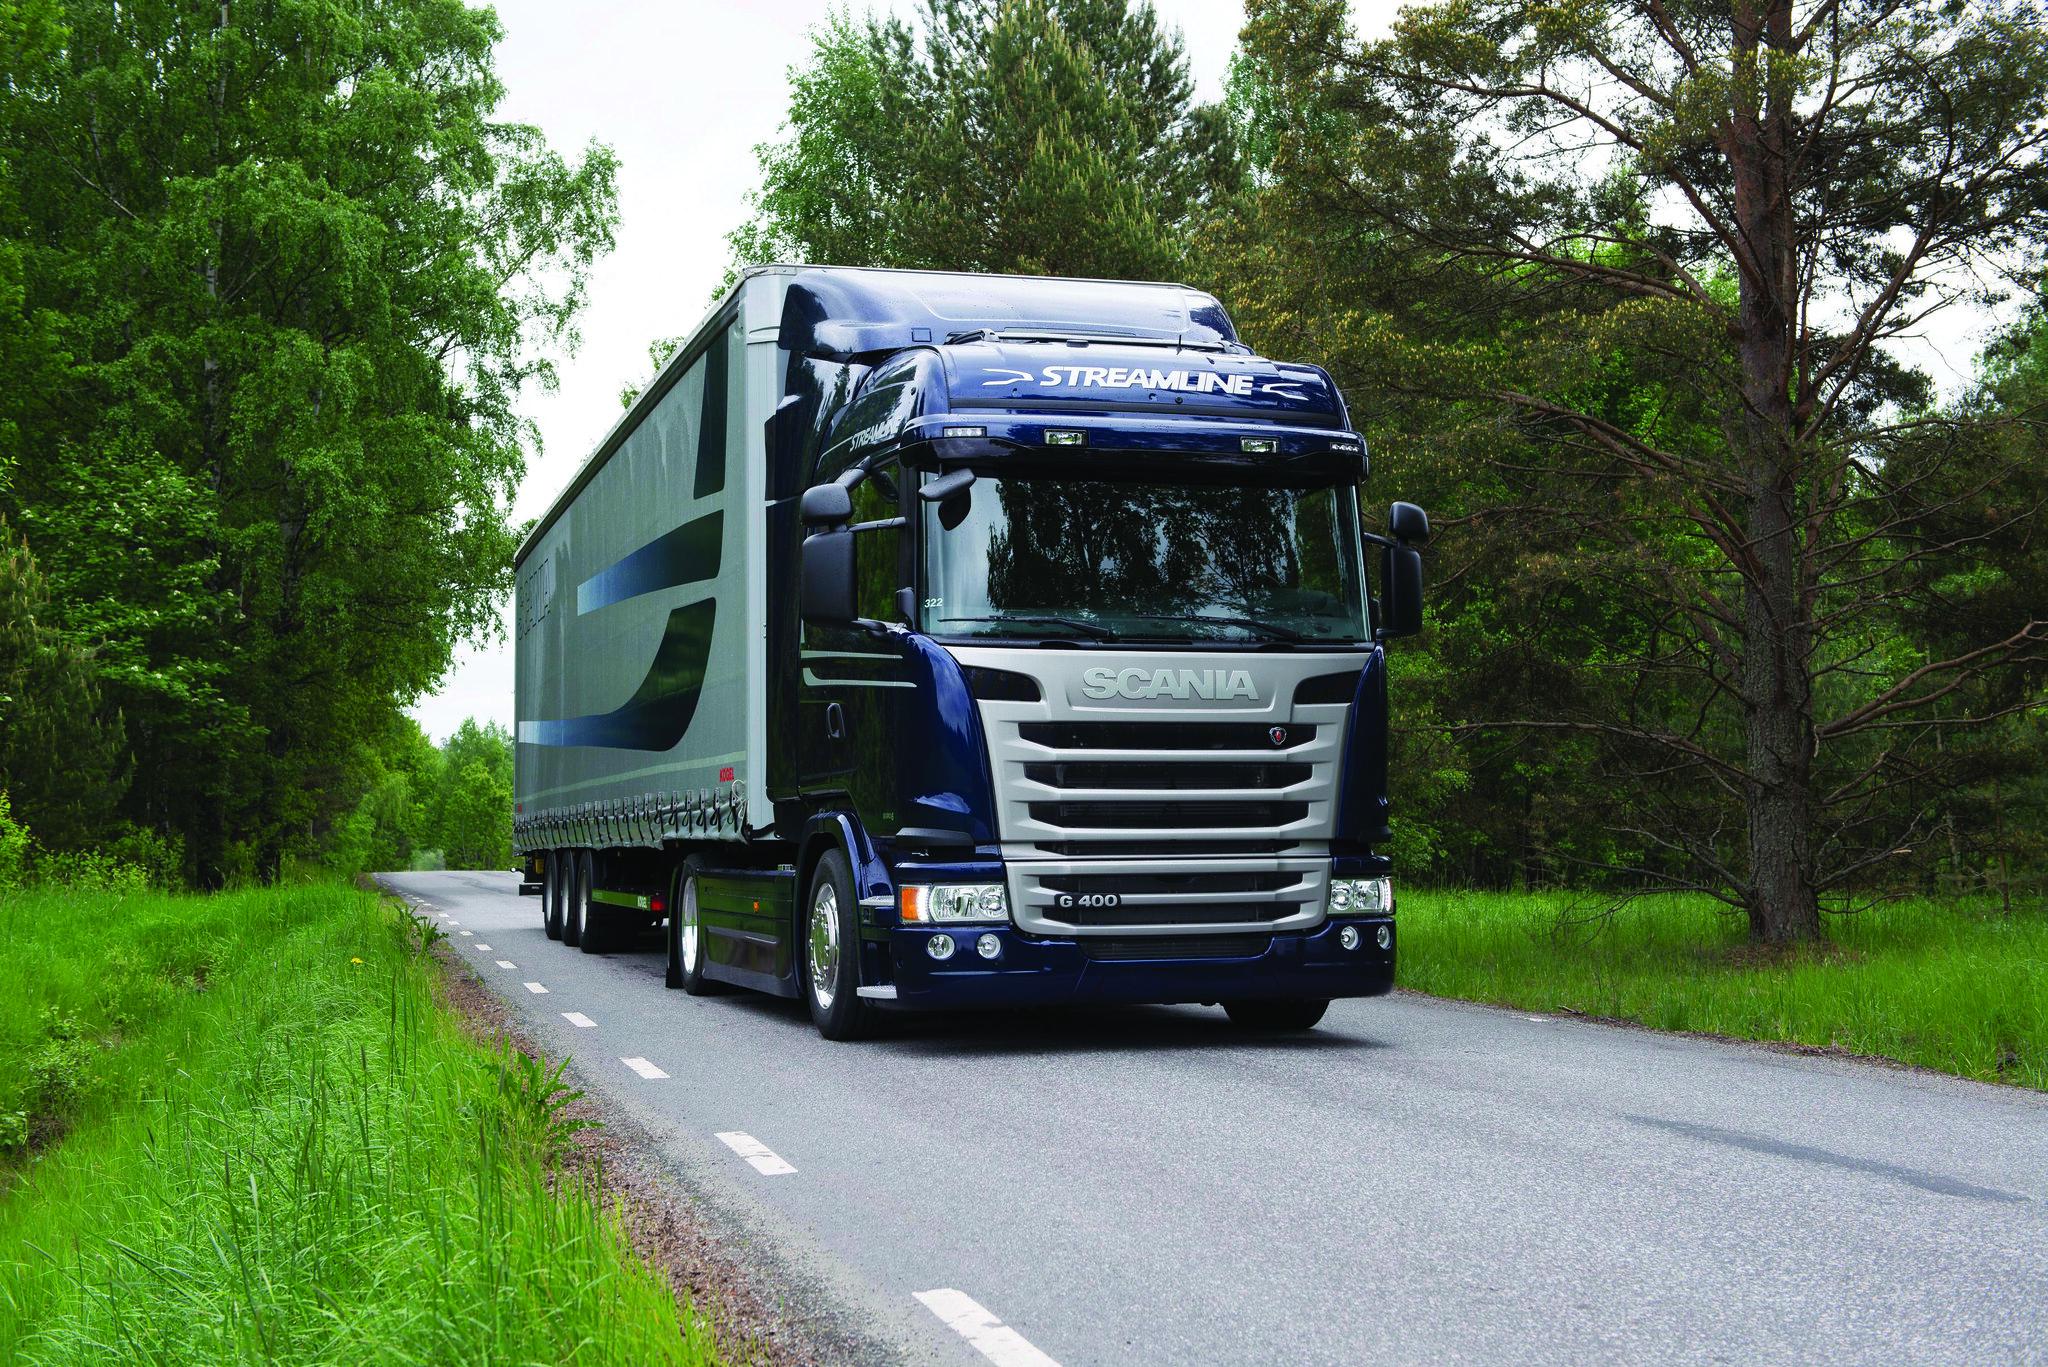 Почему грузовые автомобили способны проехать миллионы километров, а легковые – нет? Объясняют эксперты